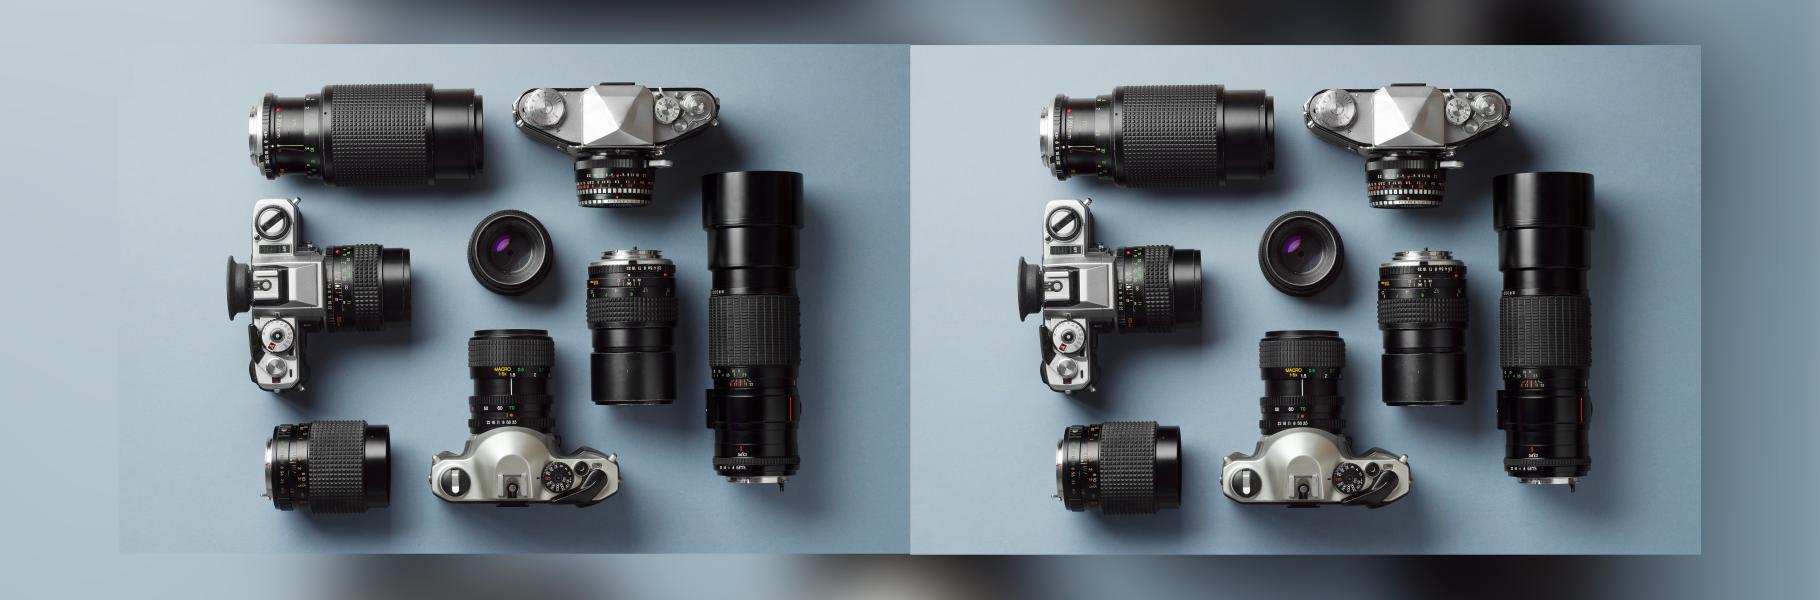 c270acec59 Tipos de lentes para tu cámara fotográfica | Crehana